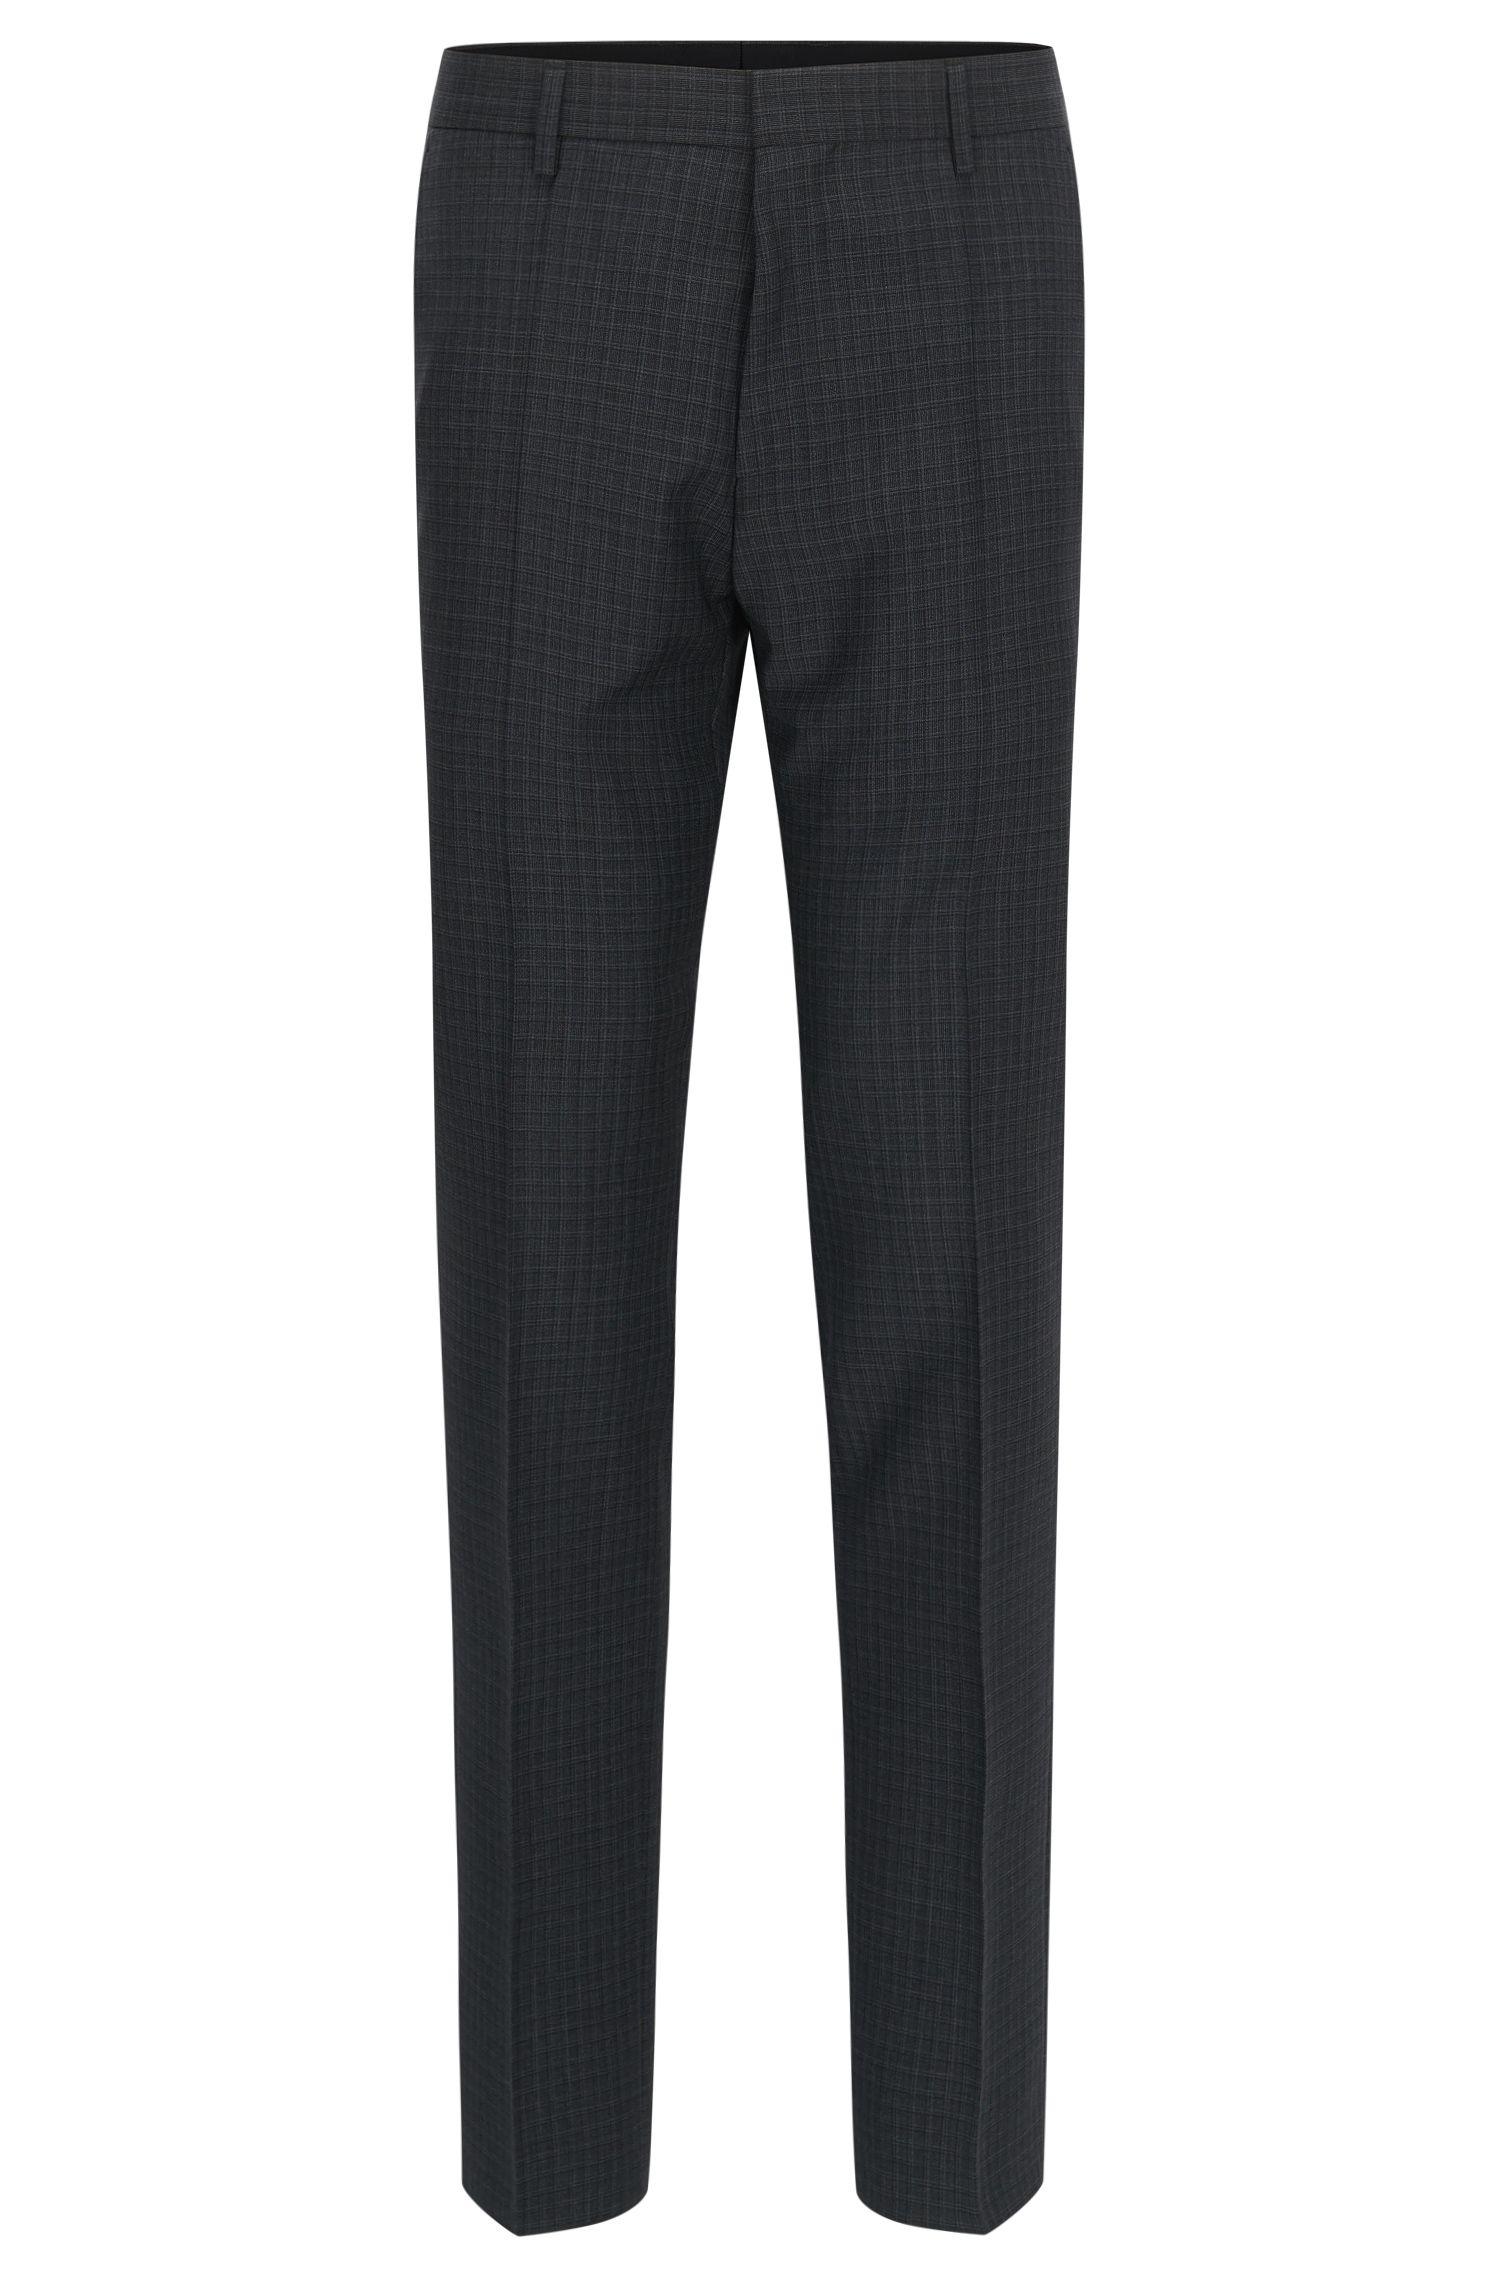 Check Virgin Wool Dress Pants, Slim Fit | Genesis